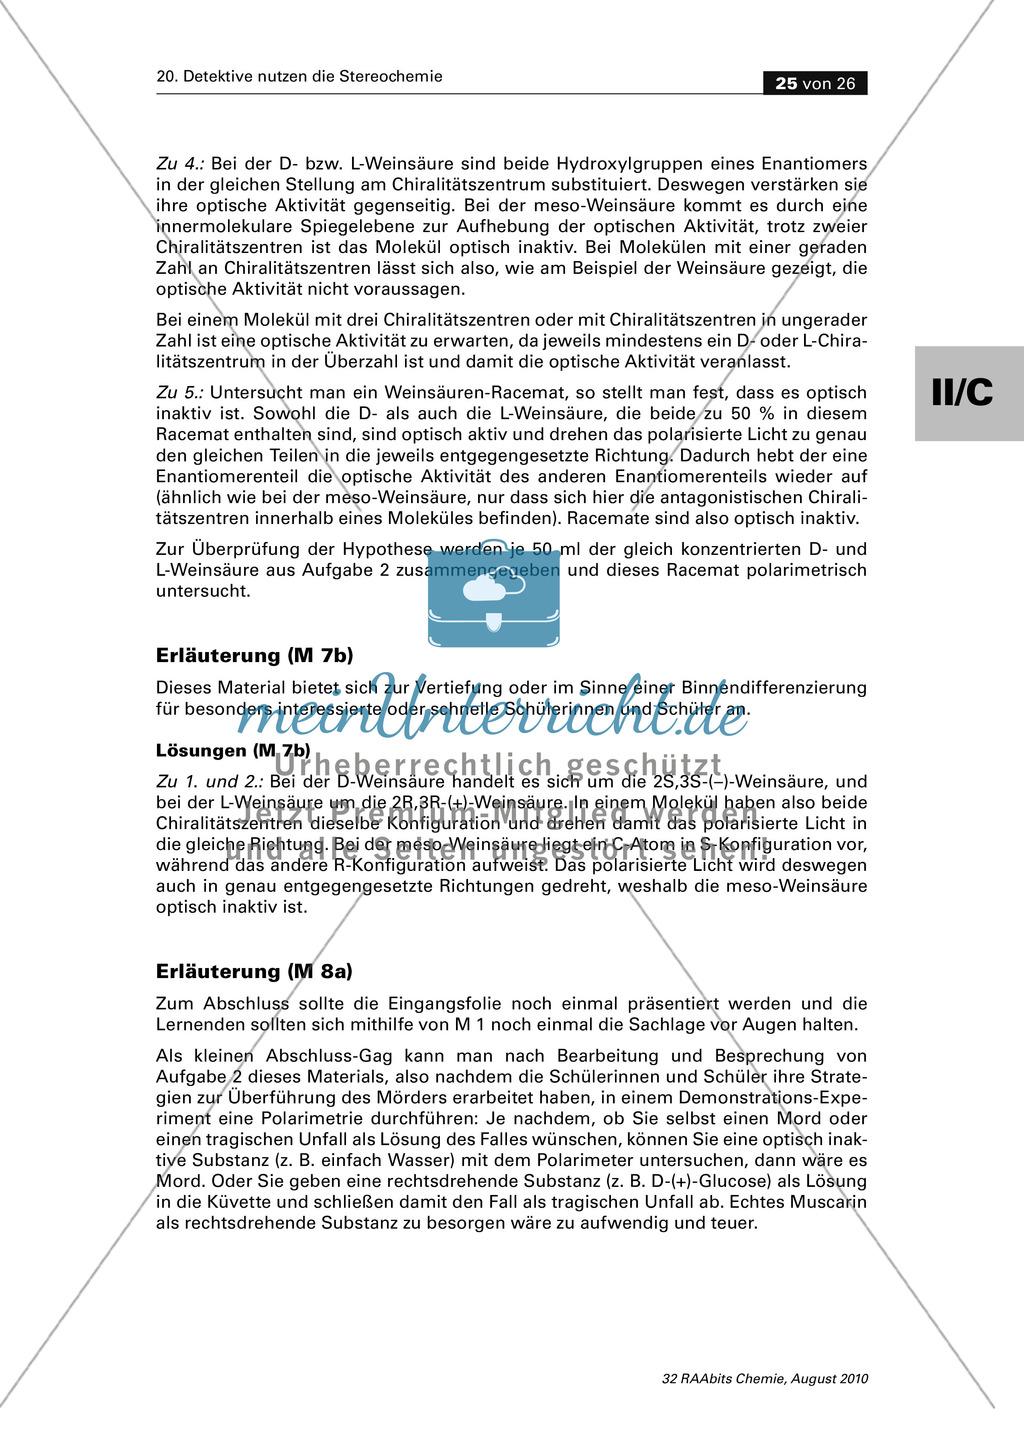 Die Stereochemie im spannenden Kontext: Aufklärung eines fiktiven Todesfalls durch L-(+)-Muscarin (Fliegenpilze) Preview 20